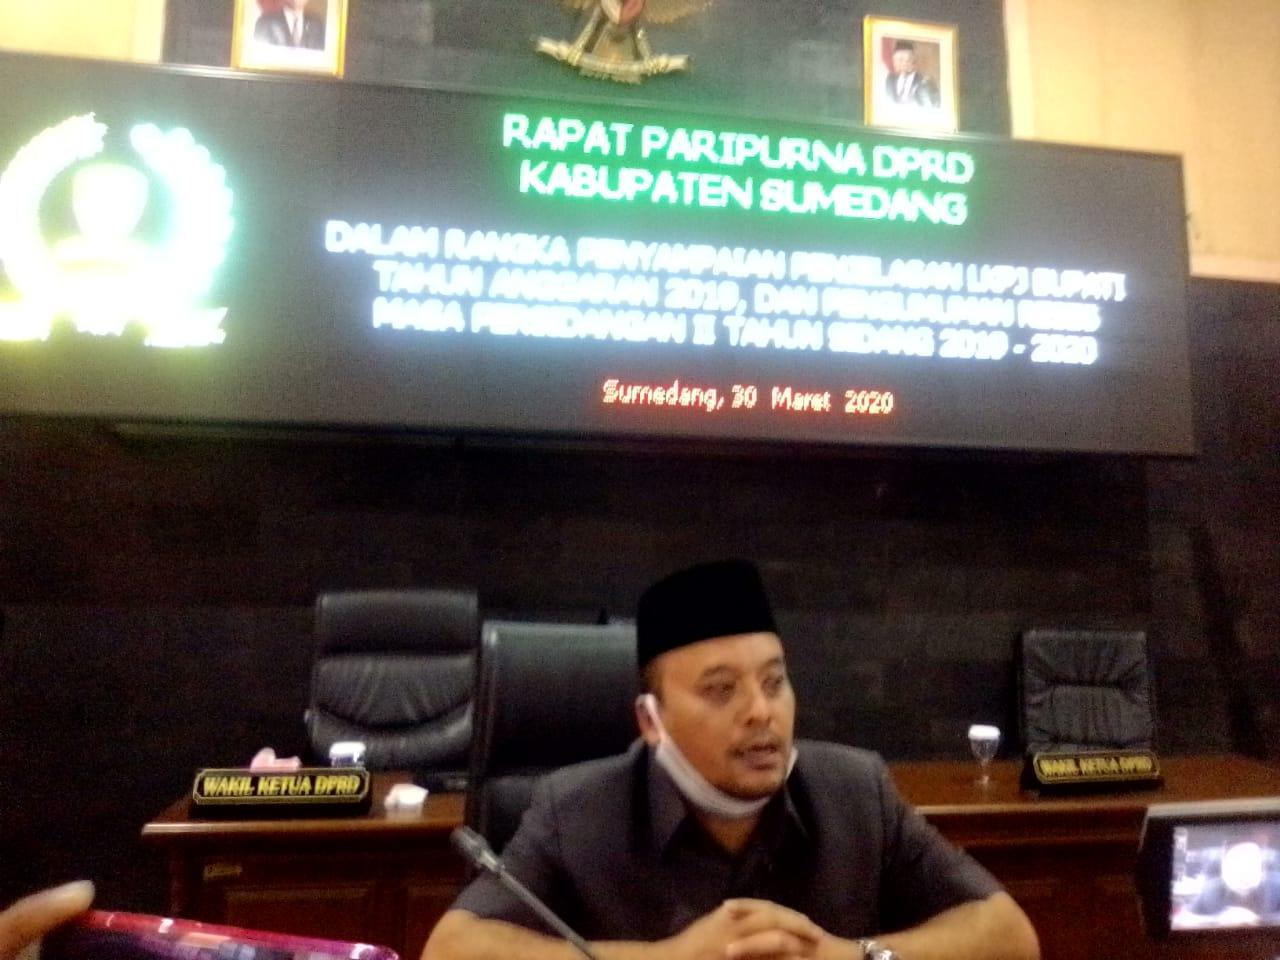 Ketua DPRD Sumedang Irwansyah Putra, dalam conferensi Pers nya.